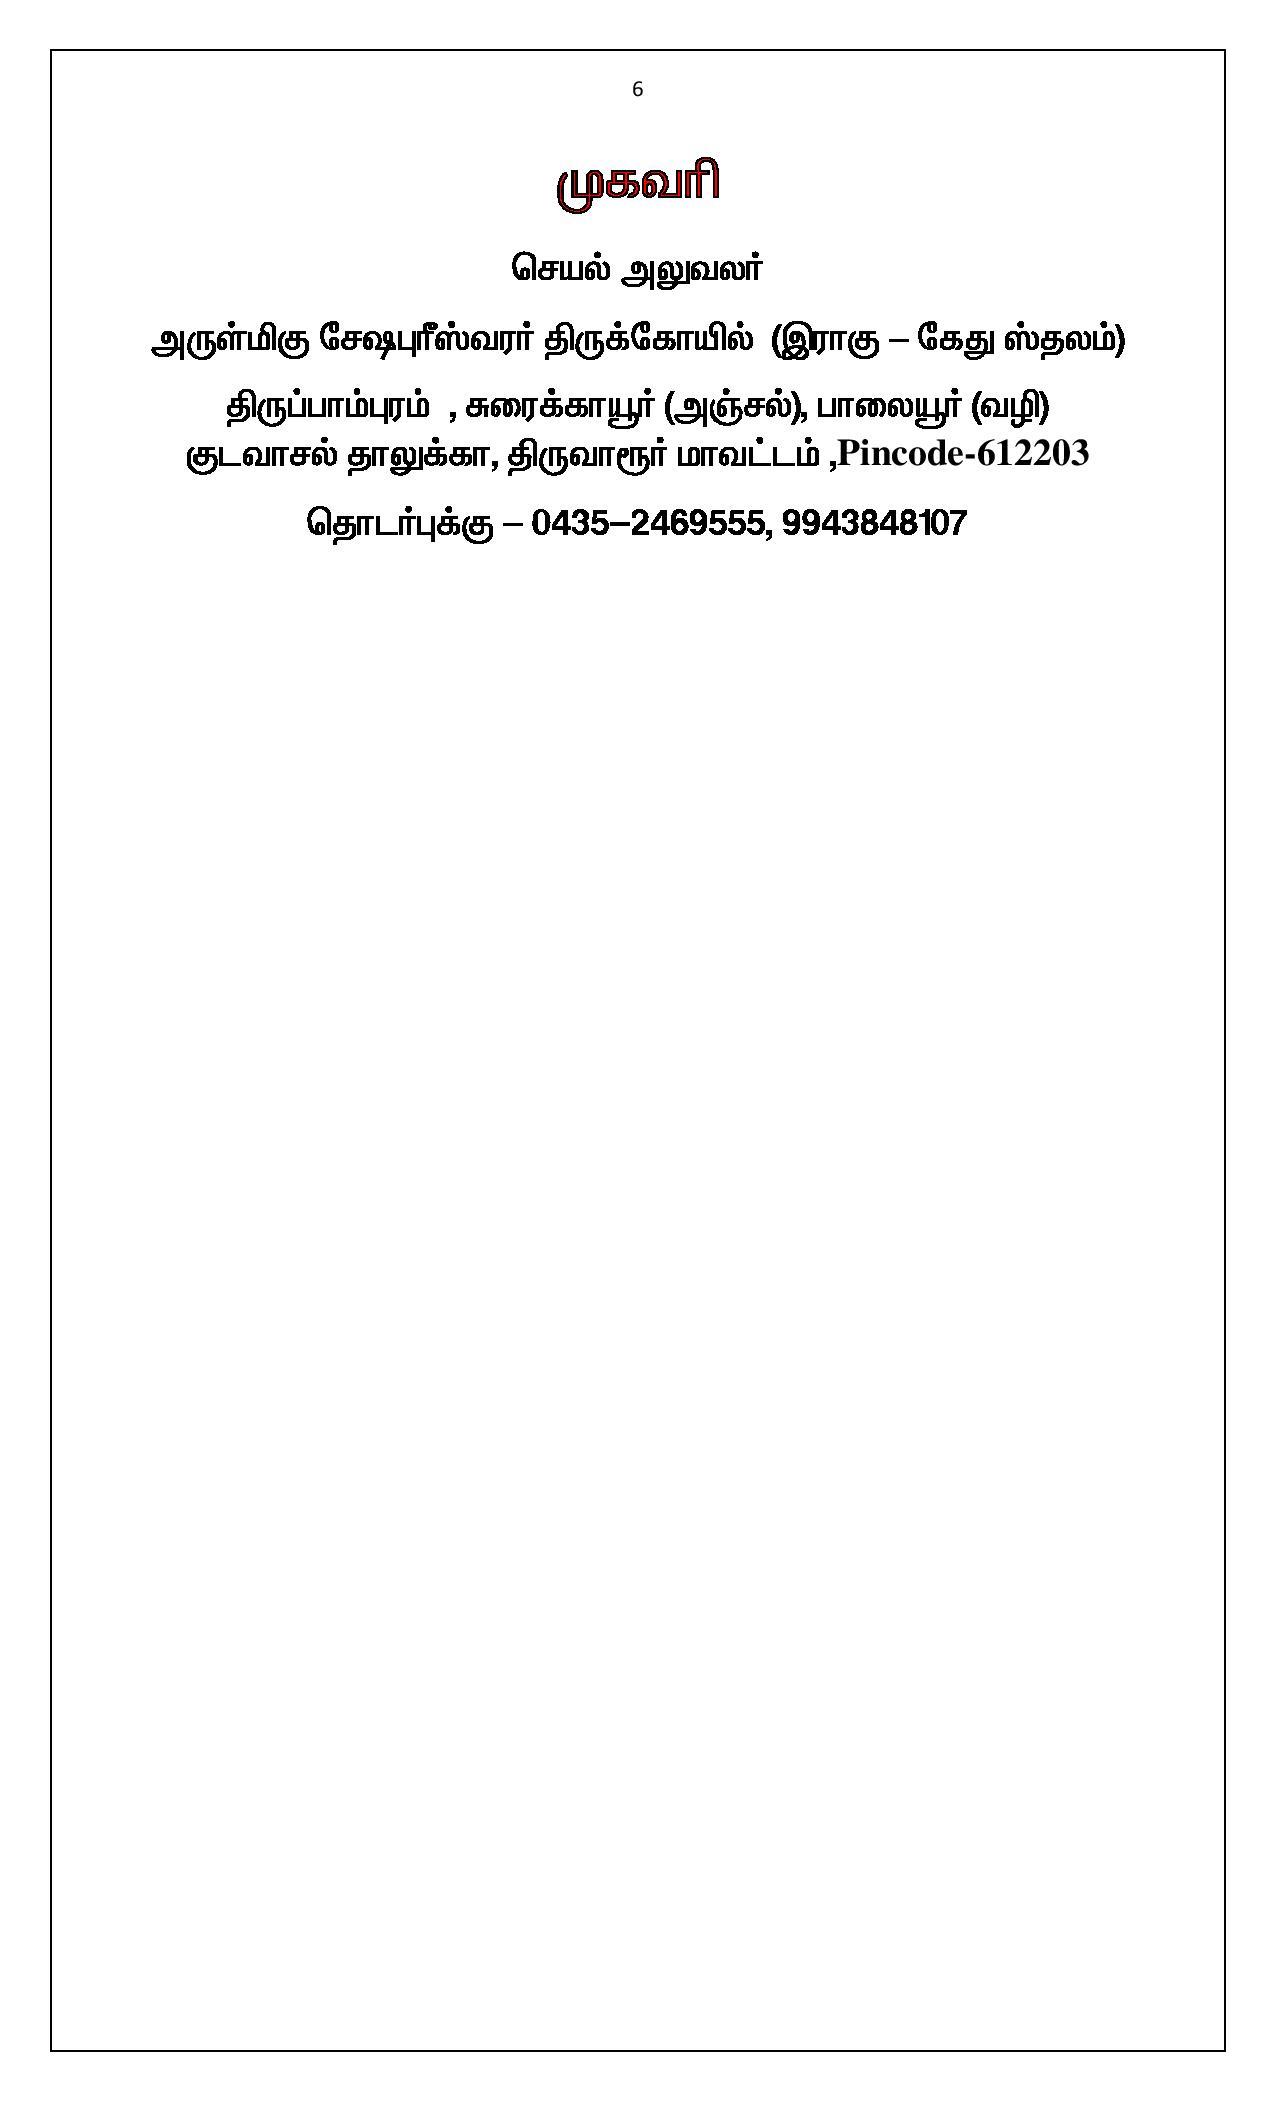 Hislory thiru pambupuram temple-page-006